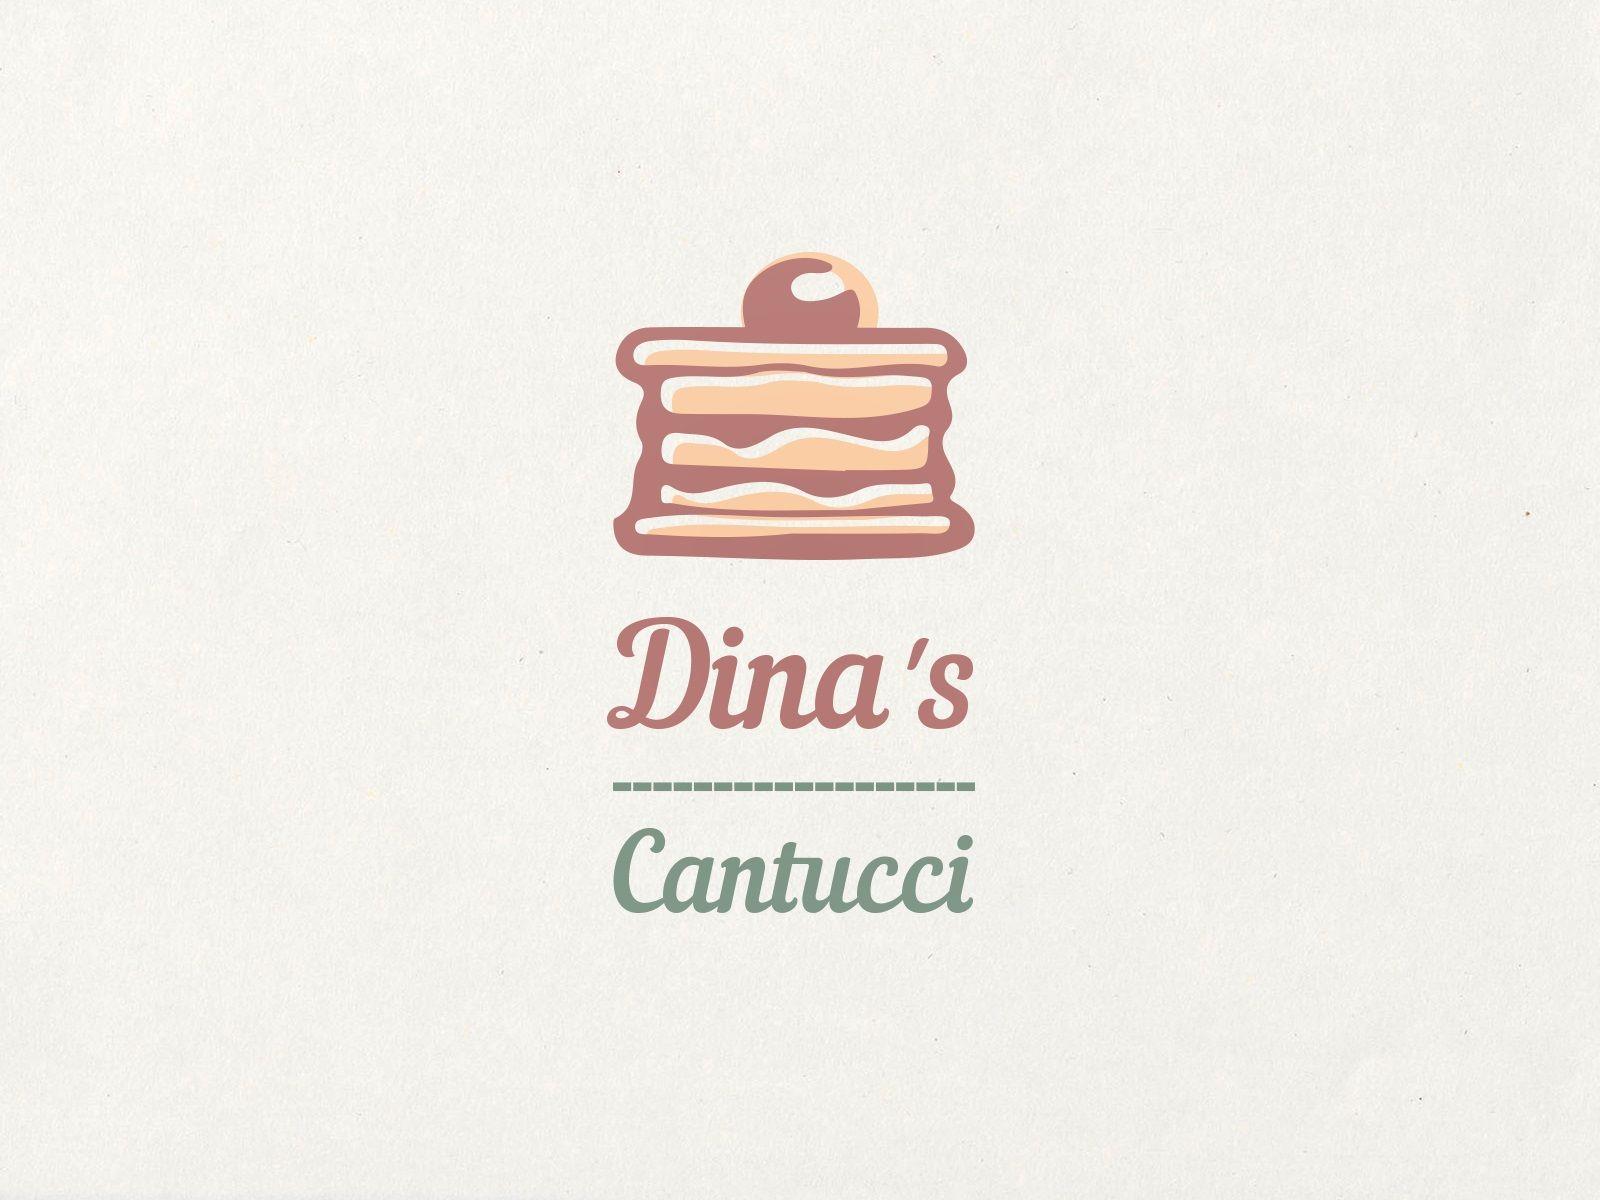 Лого для кондитерских изделий DINA's - дизайнер shusha